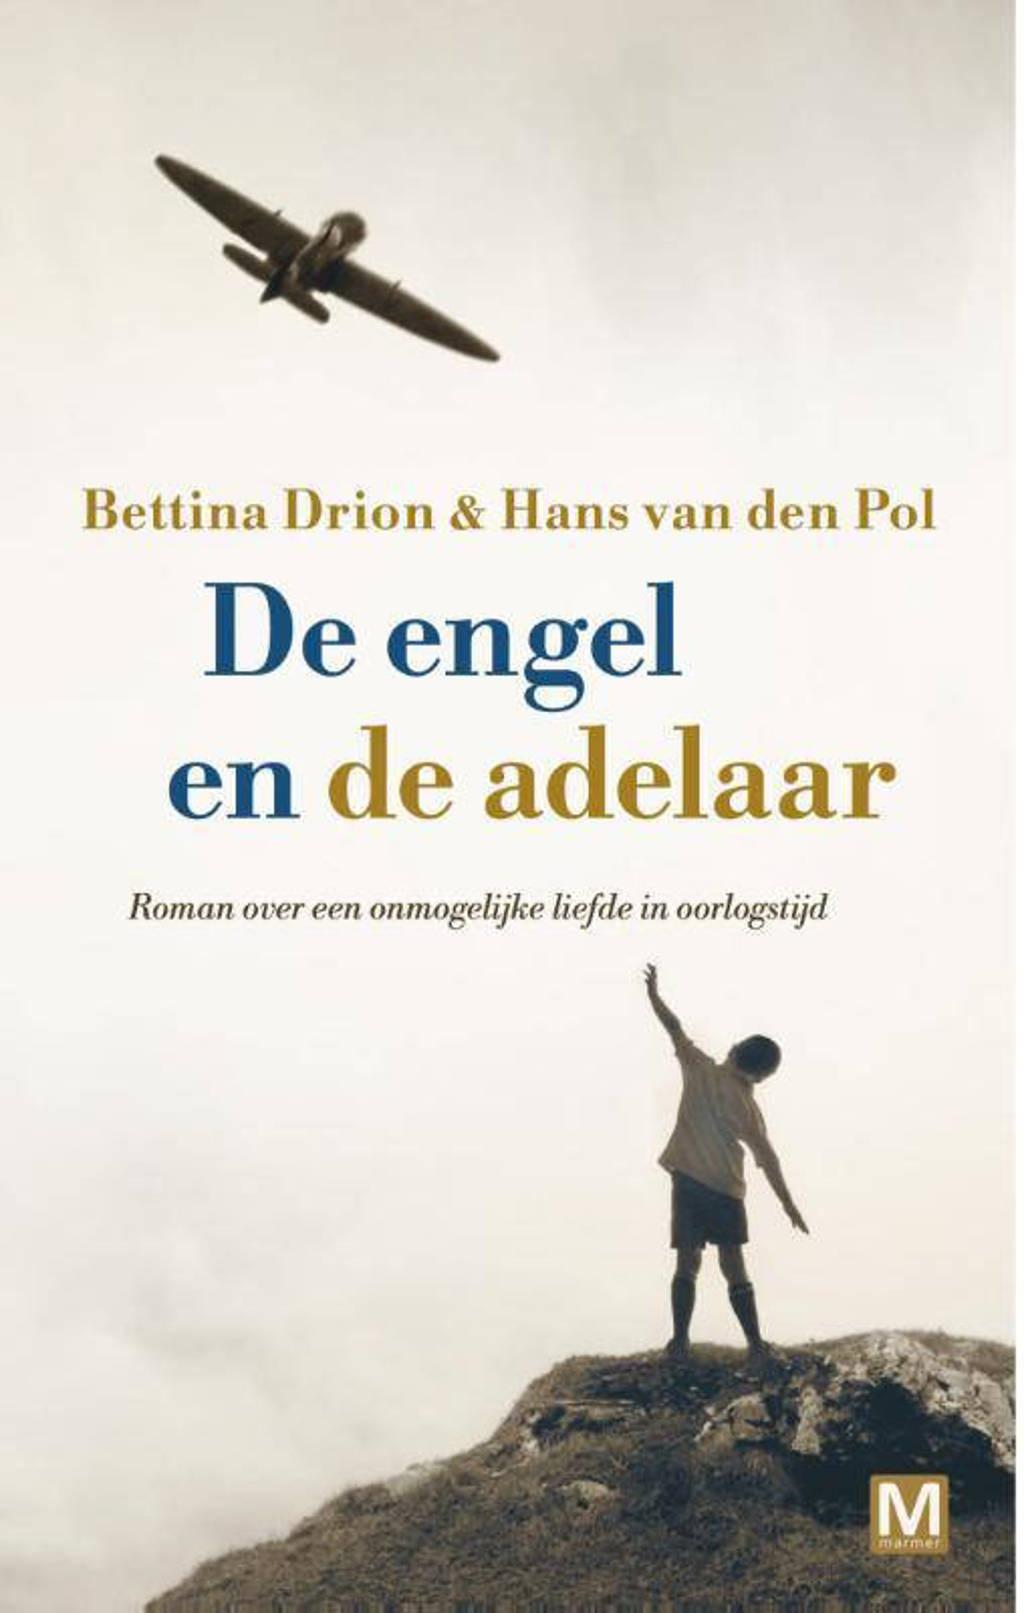 De engel en de adelaar - Bettina Drion en Hans van den Pol